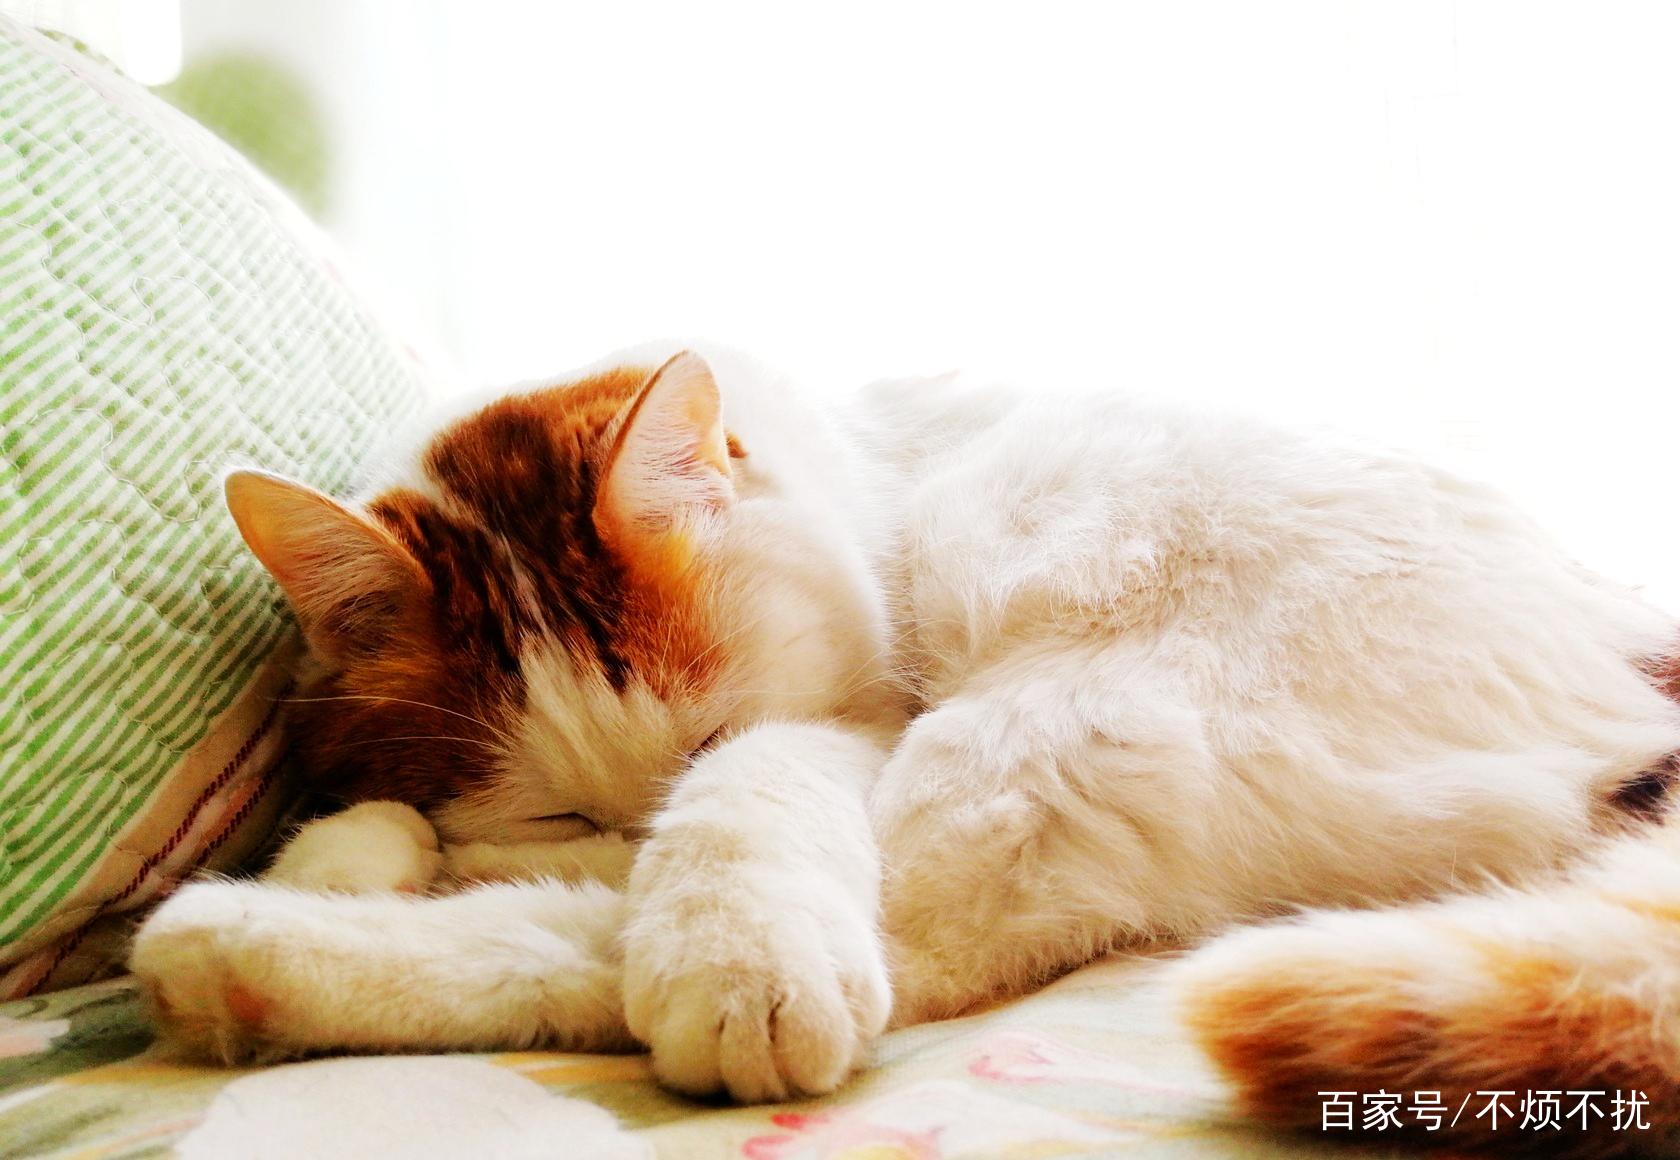 猫这种动物是水做的,睡个觉也能花样百出,真可爱